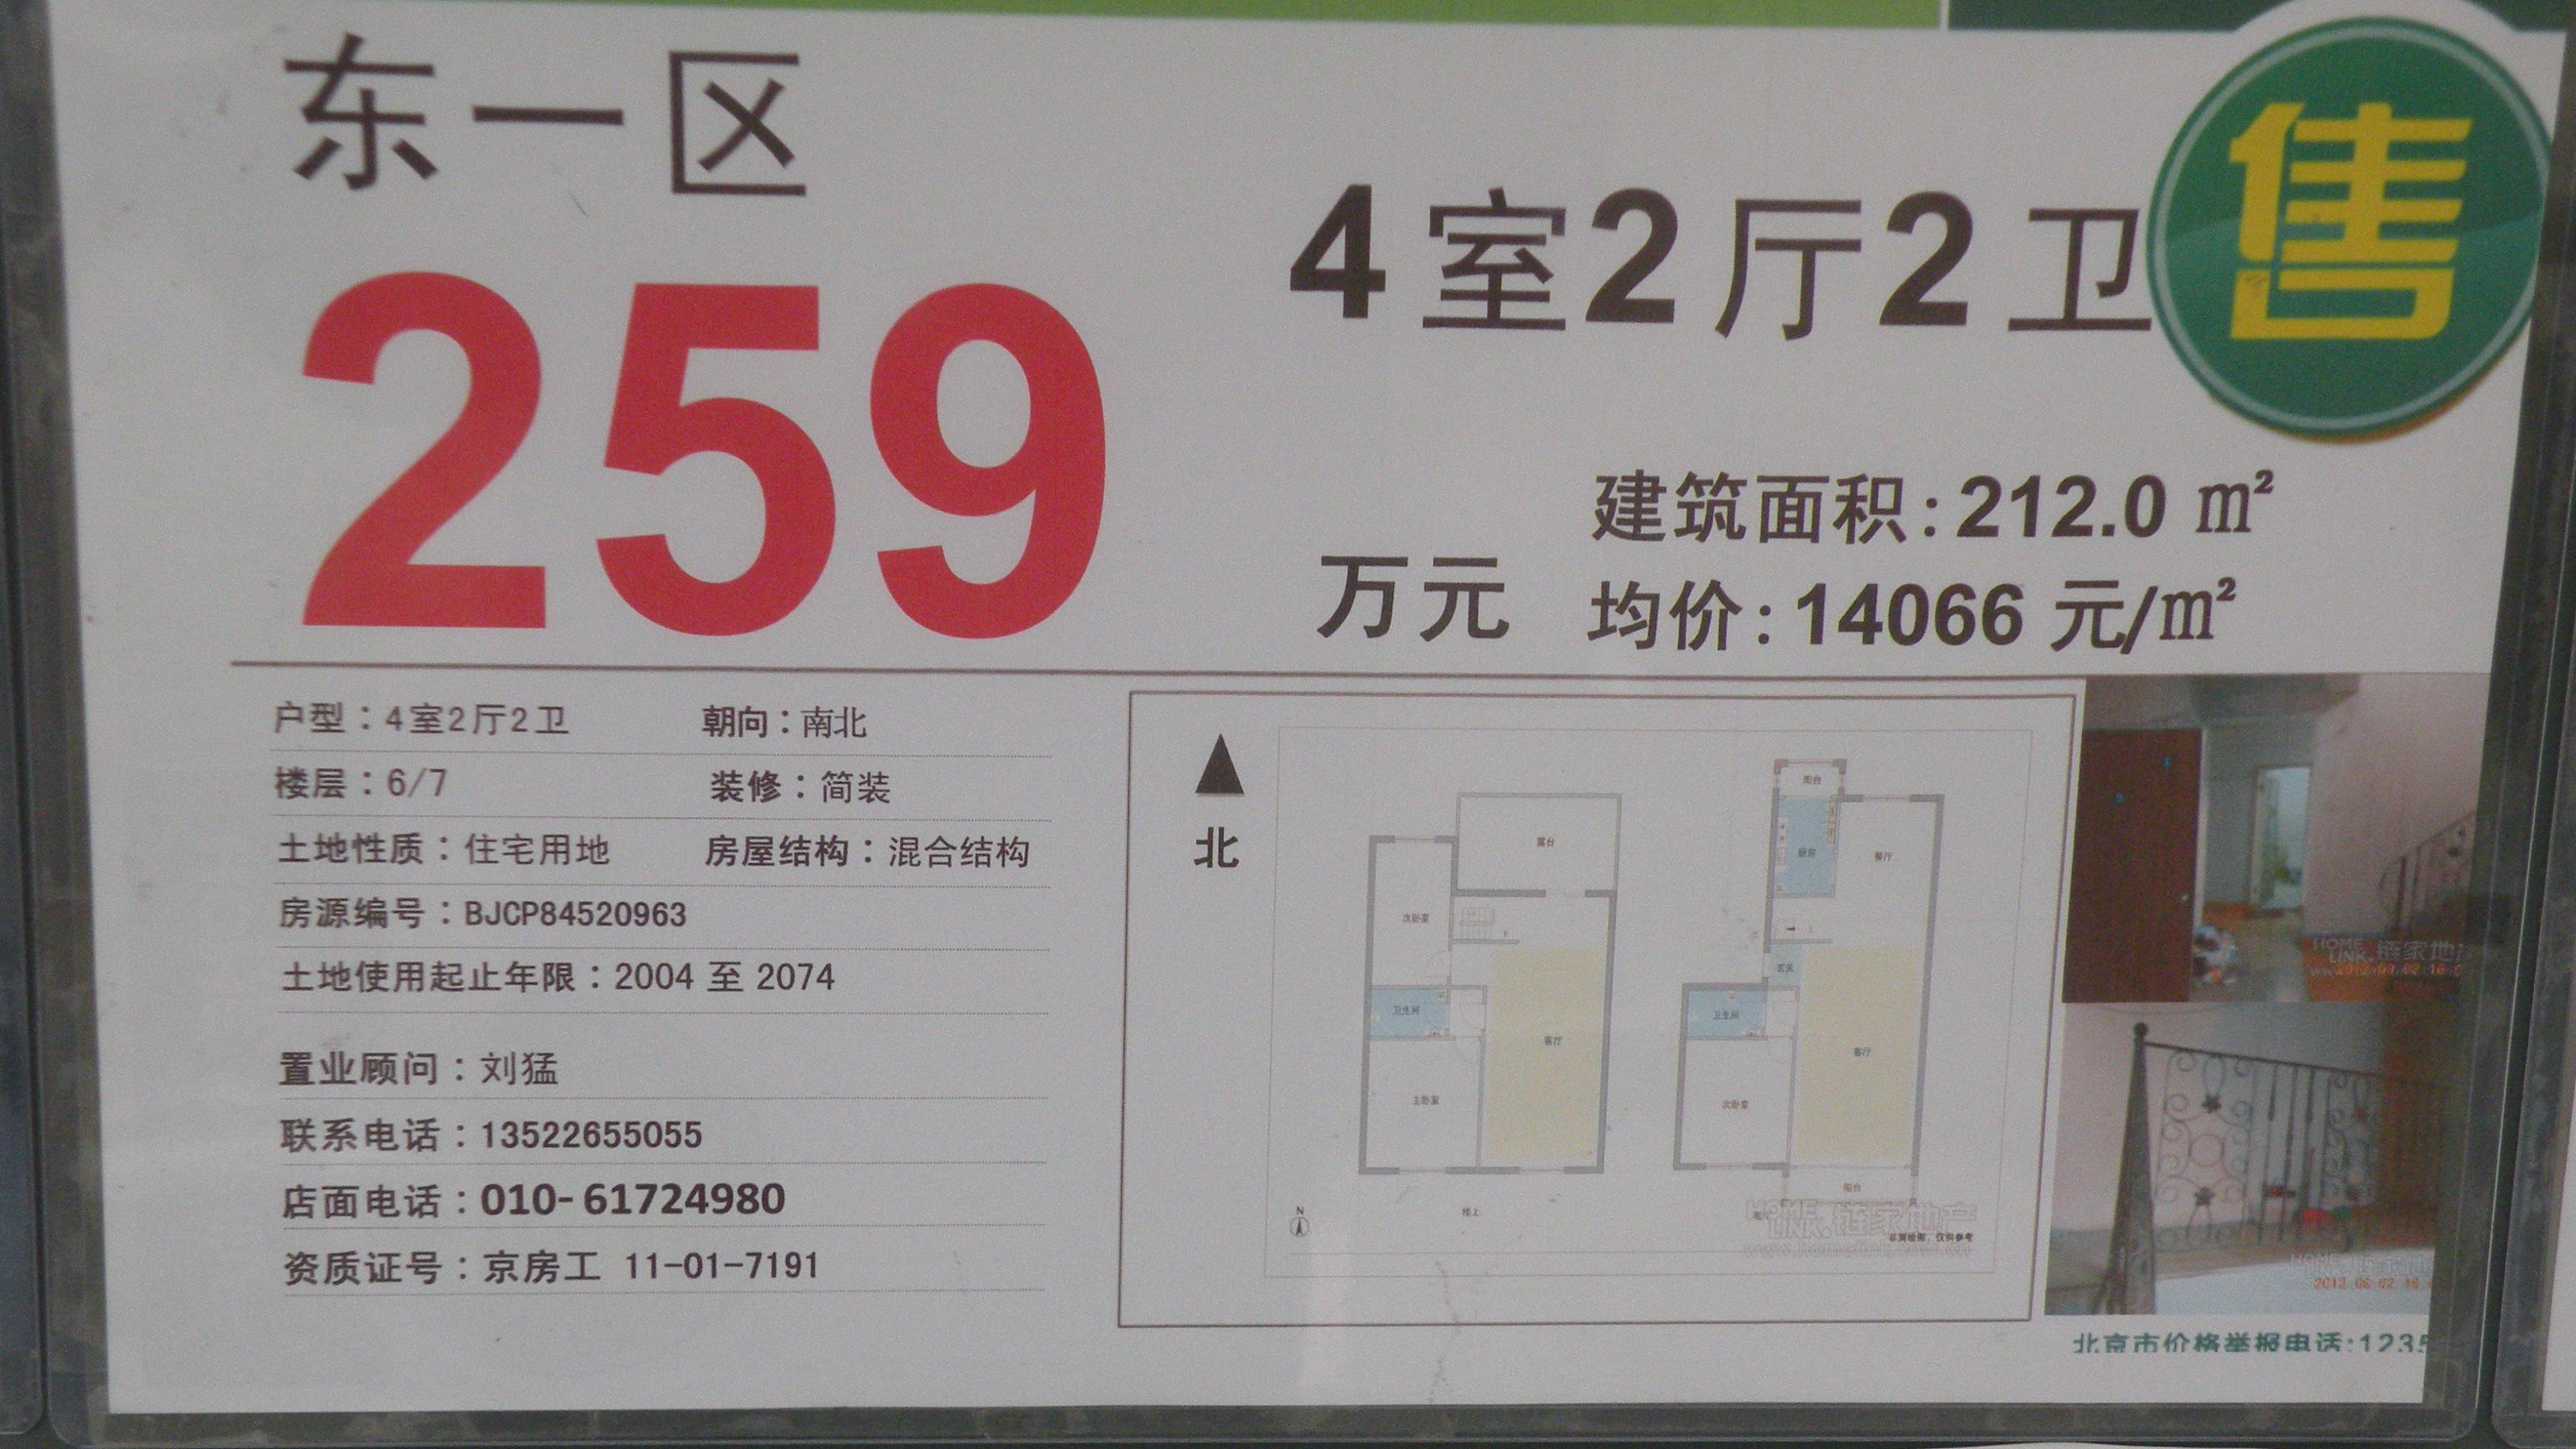 DSCN6899.JPG